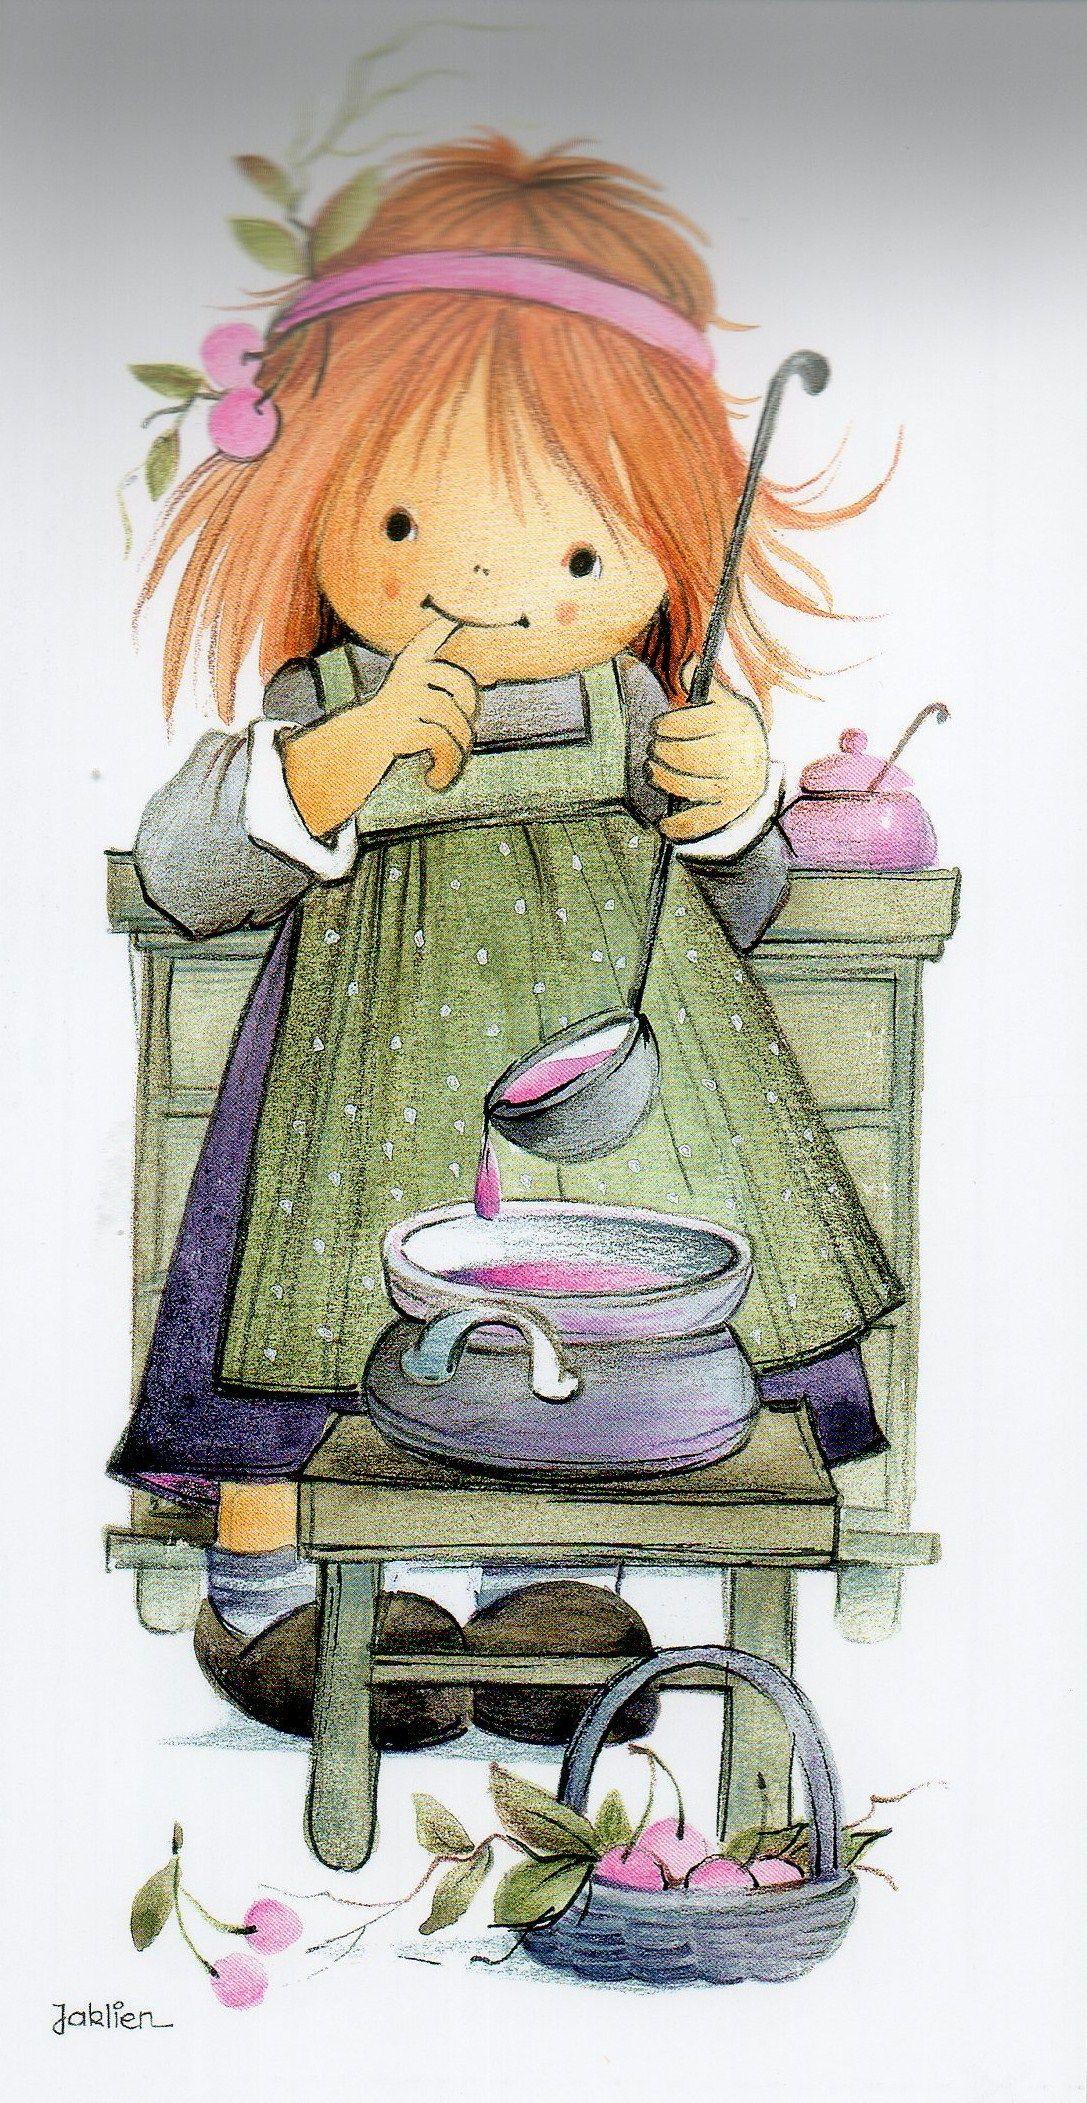 jaklien moerman dessin aquarelle pinterest petite fille filles et cr er personnage. Black Bedroom Furniture Sets. Home Design Ideas